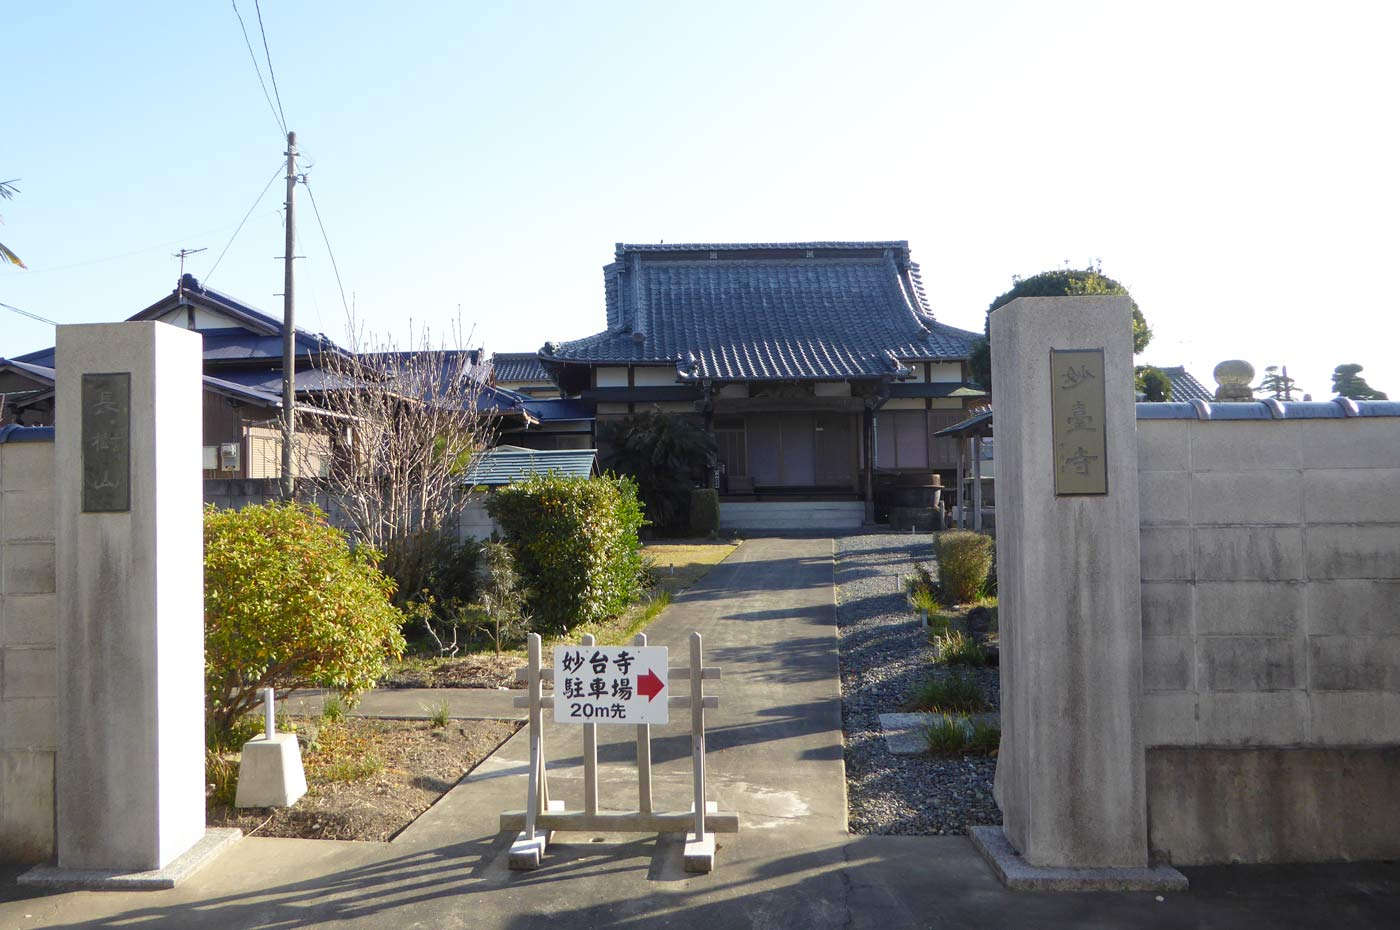 妙台寺の境内と本堂の画像